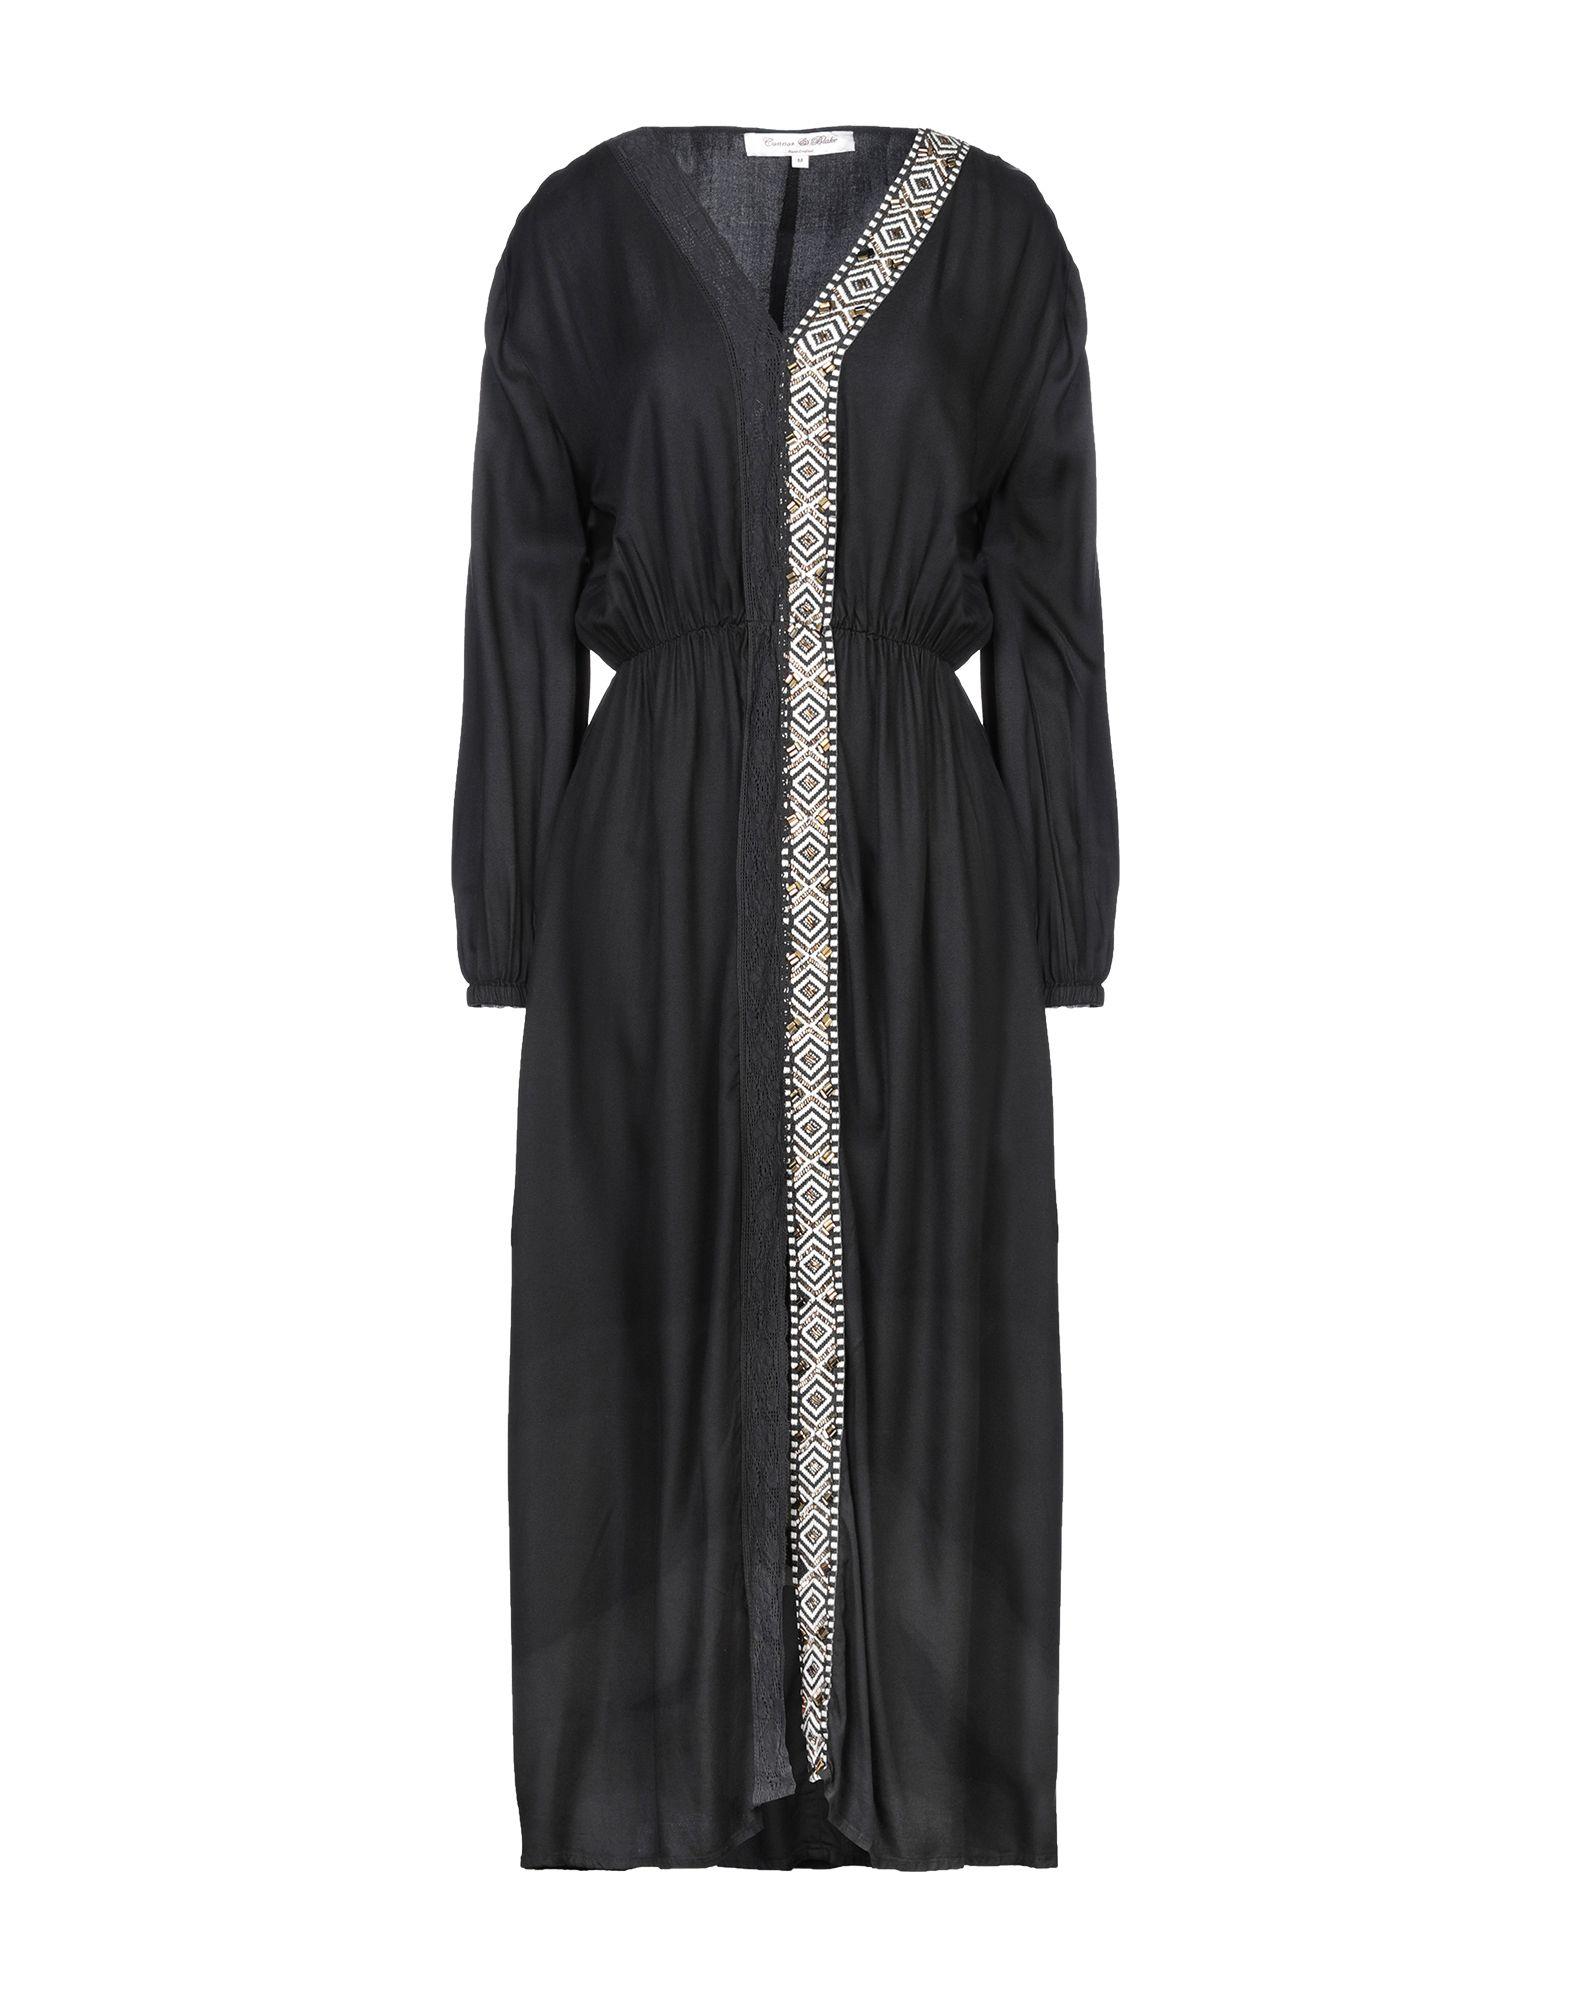 CONNOR & BLAKE Платье длиной 3/4